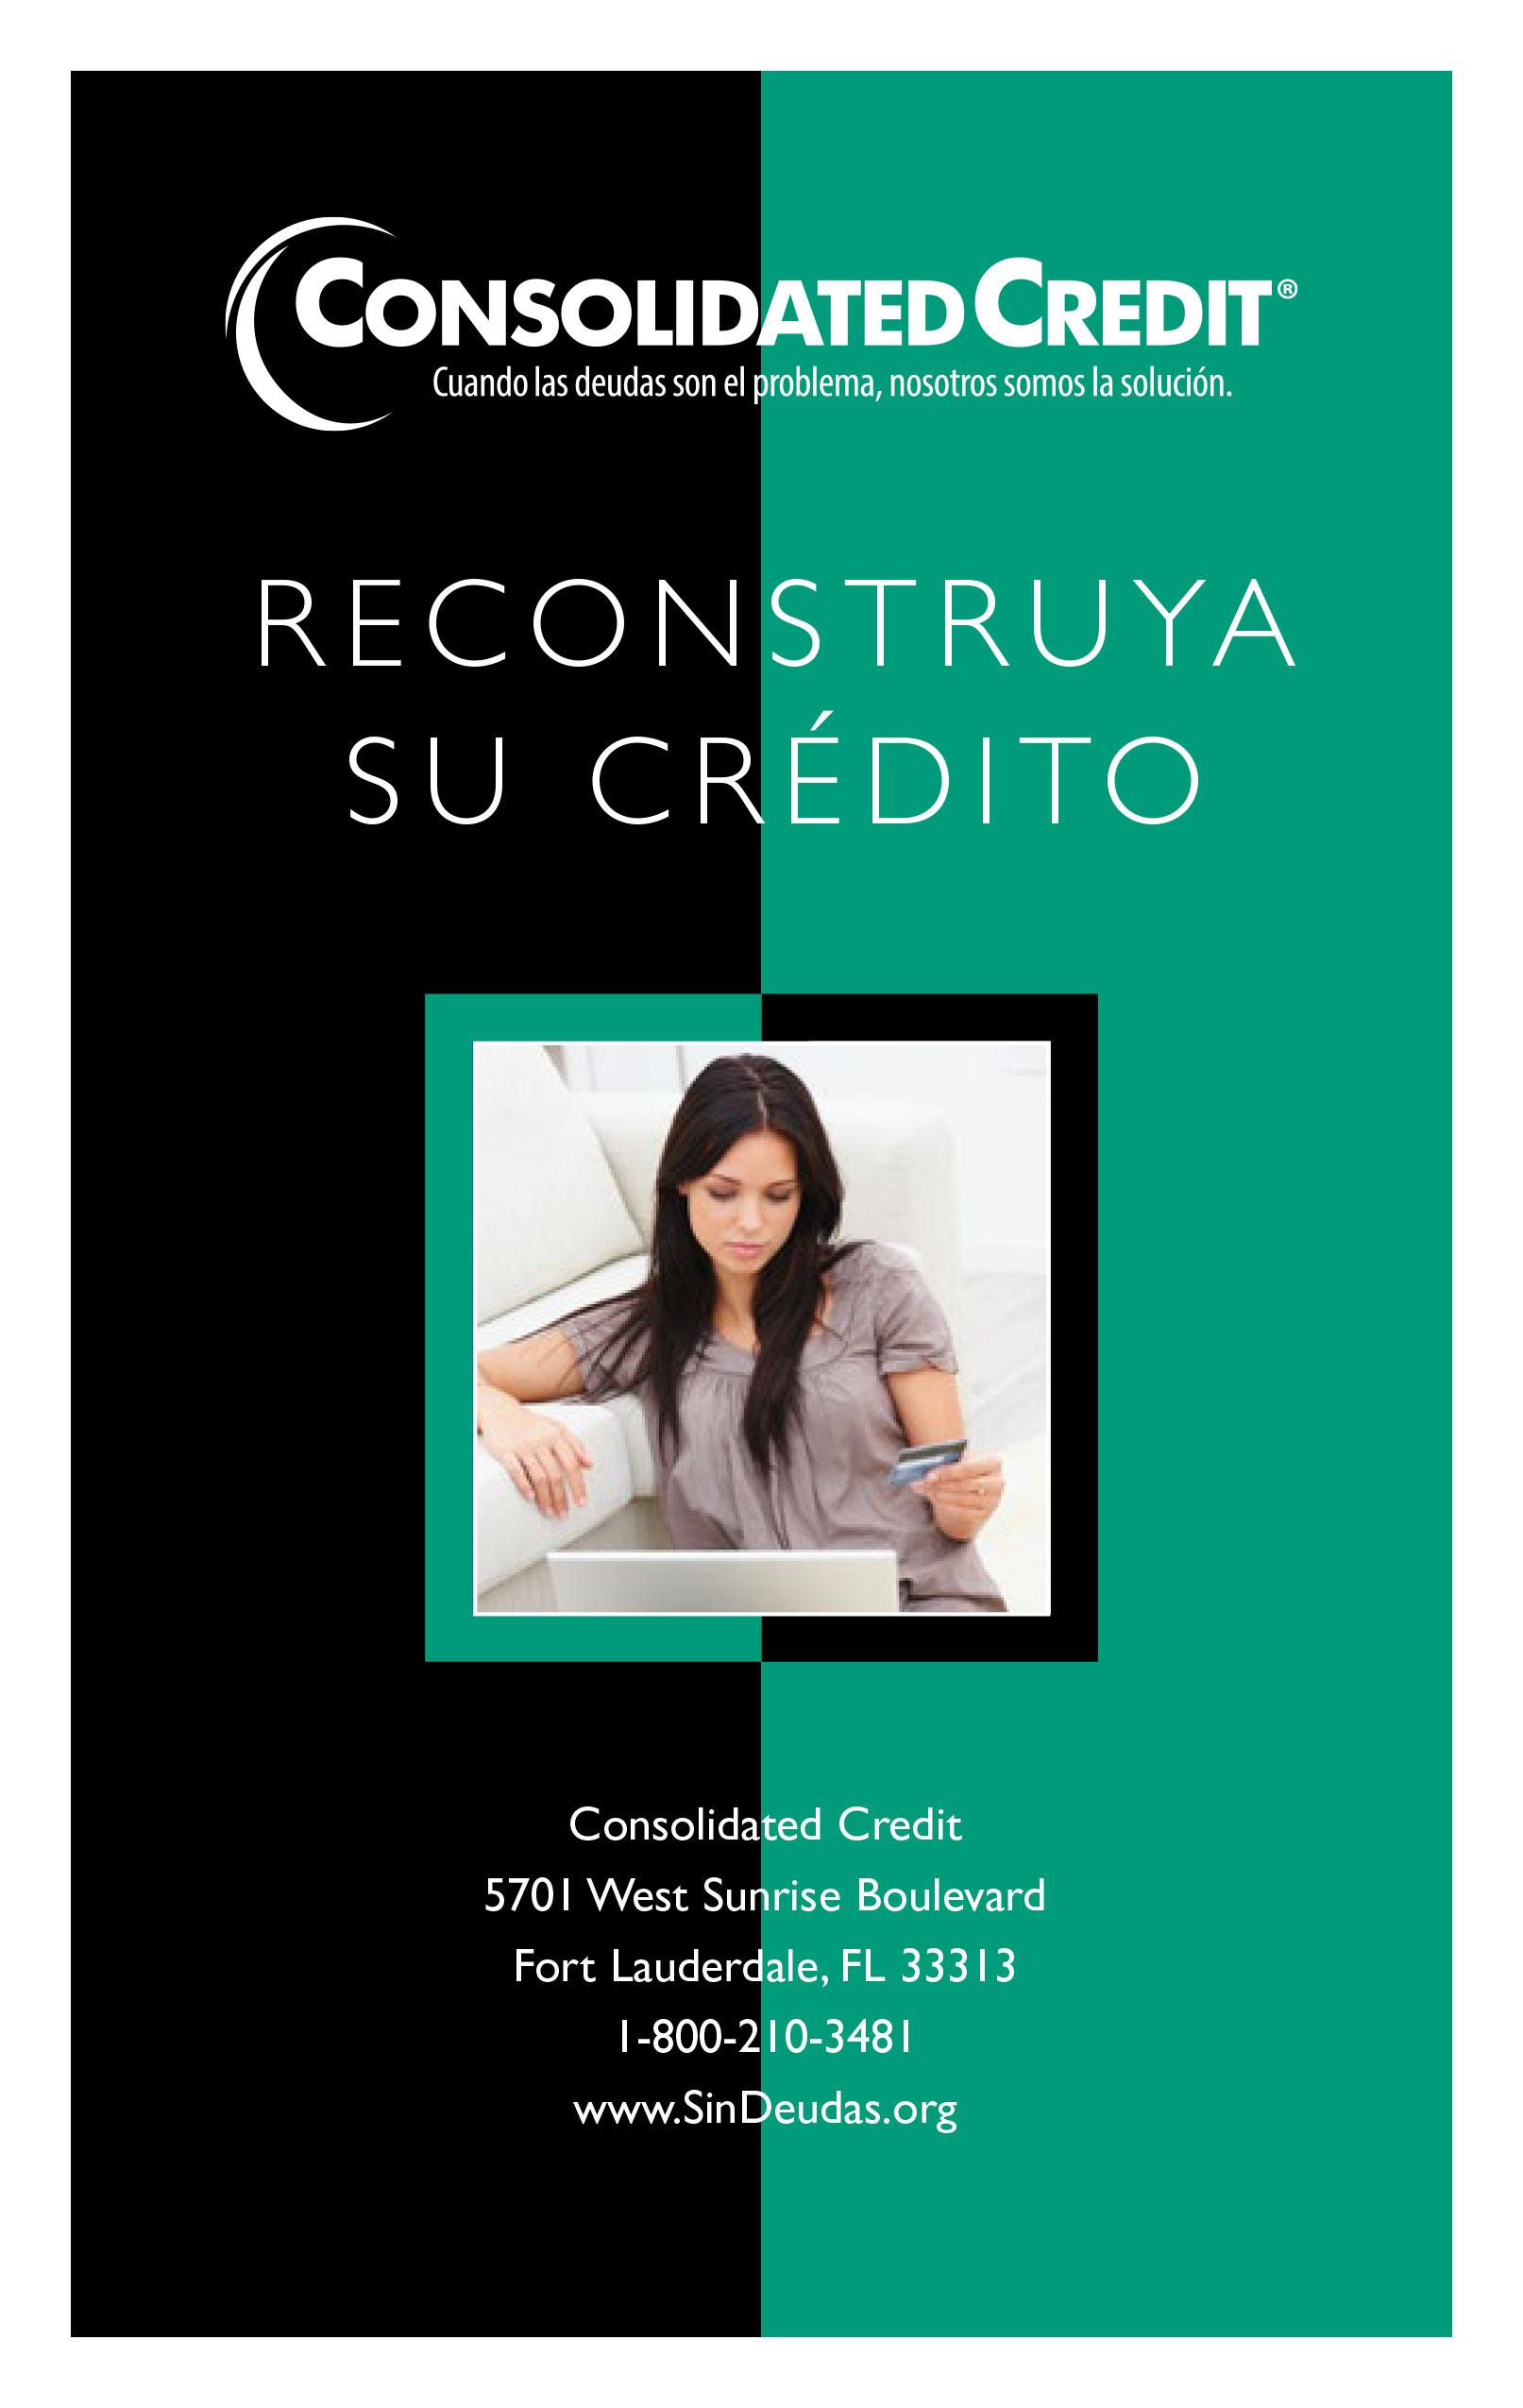 El propósito fundamental de esta publicación es revelarle estrategias comprobadas para que reconstruya su crédito y mejore su puntaje crediticio.